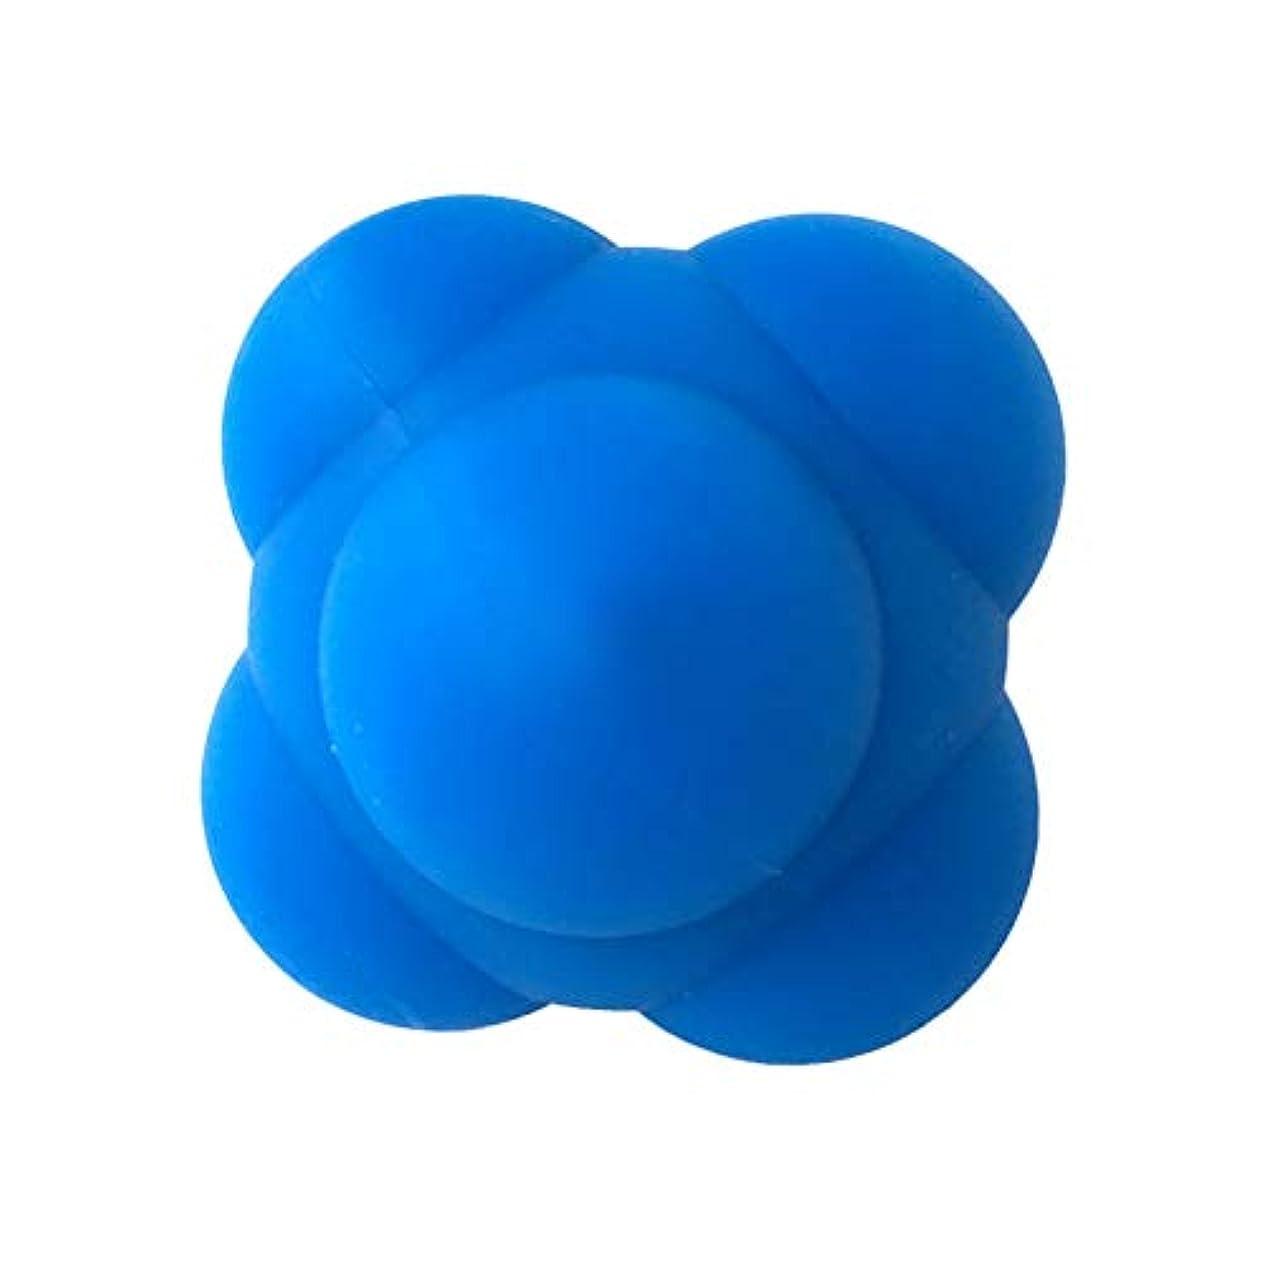 意図主婦音楽を聴くHealifty シリコントレーニングボールフィットネスリアクションエクササイズボール速さと敏捷性トレーニングボール(青/ 6cm)